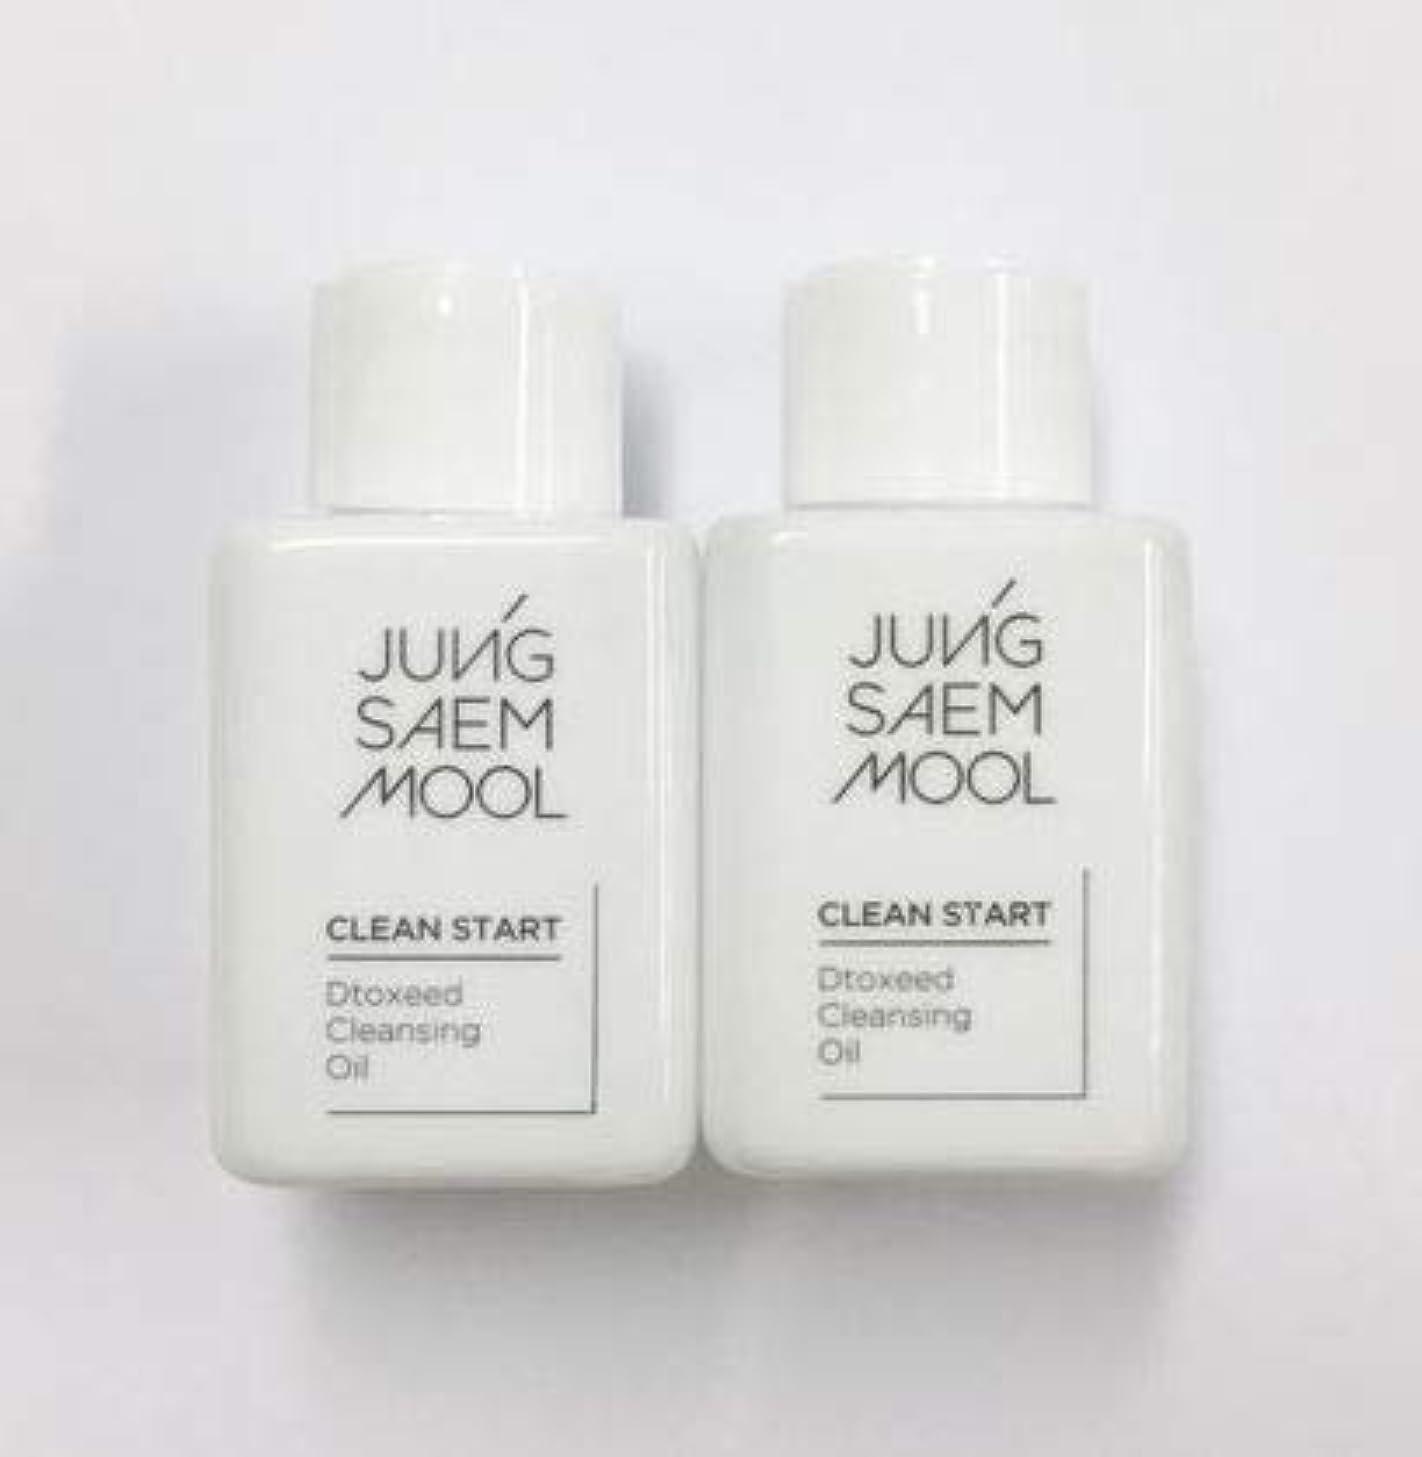 枯れるトレーニング回復するJUNG SAEM MOOL Clean Start Dtoxeed Cleansing Oil_サンプル (30ml)*2ea [並行輸入品]